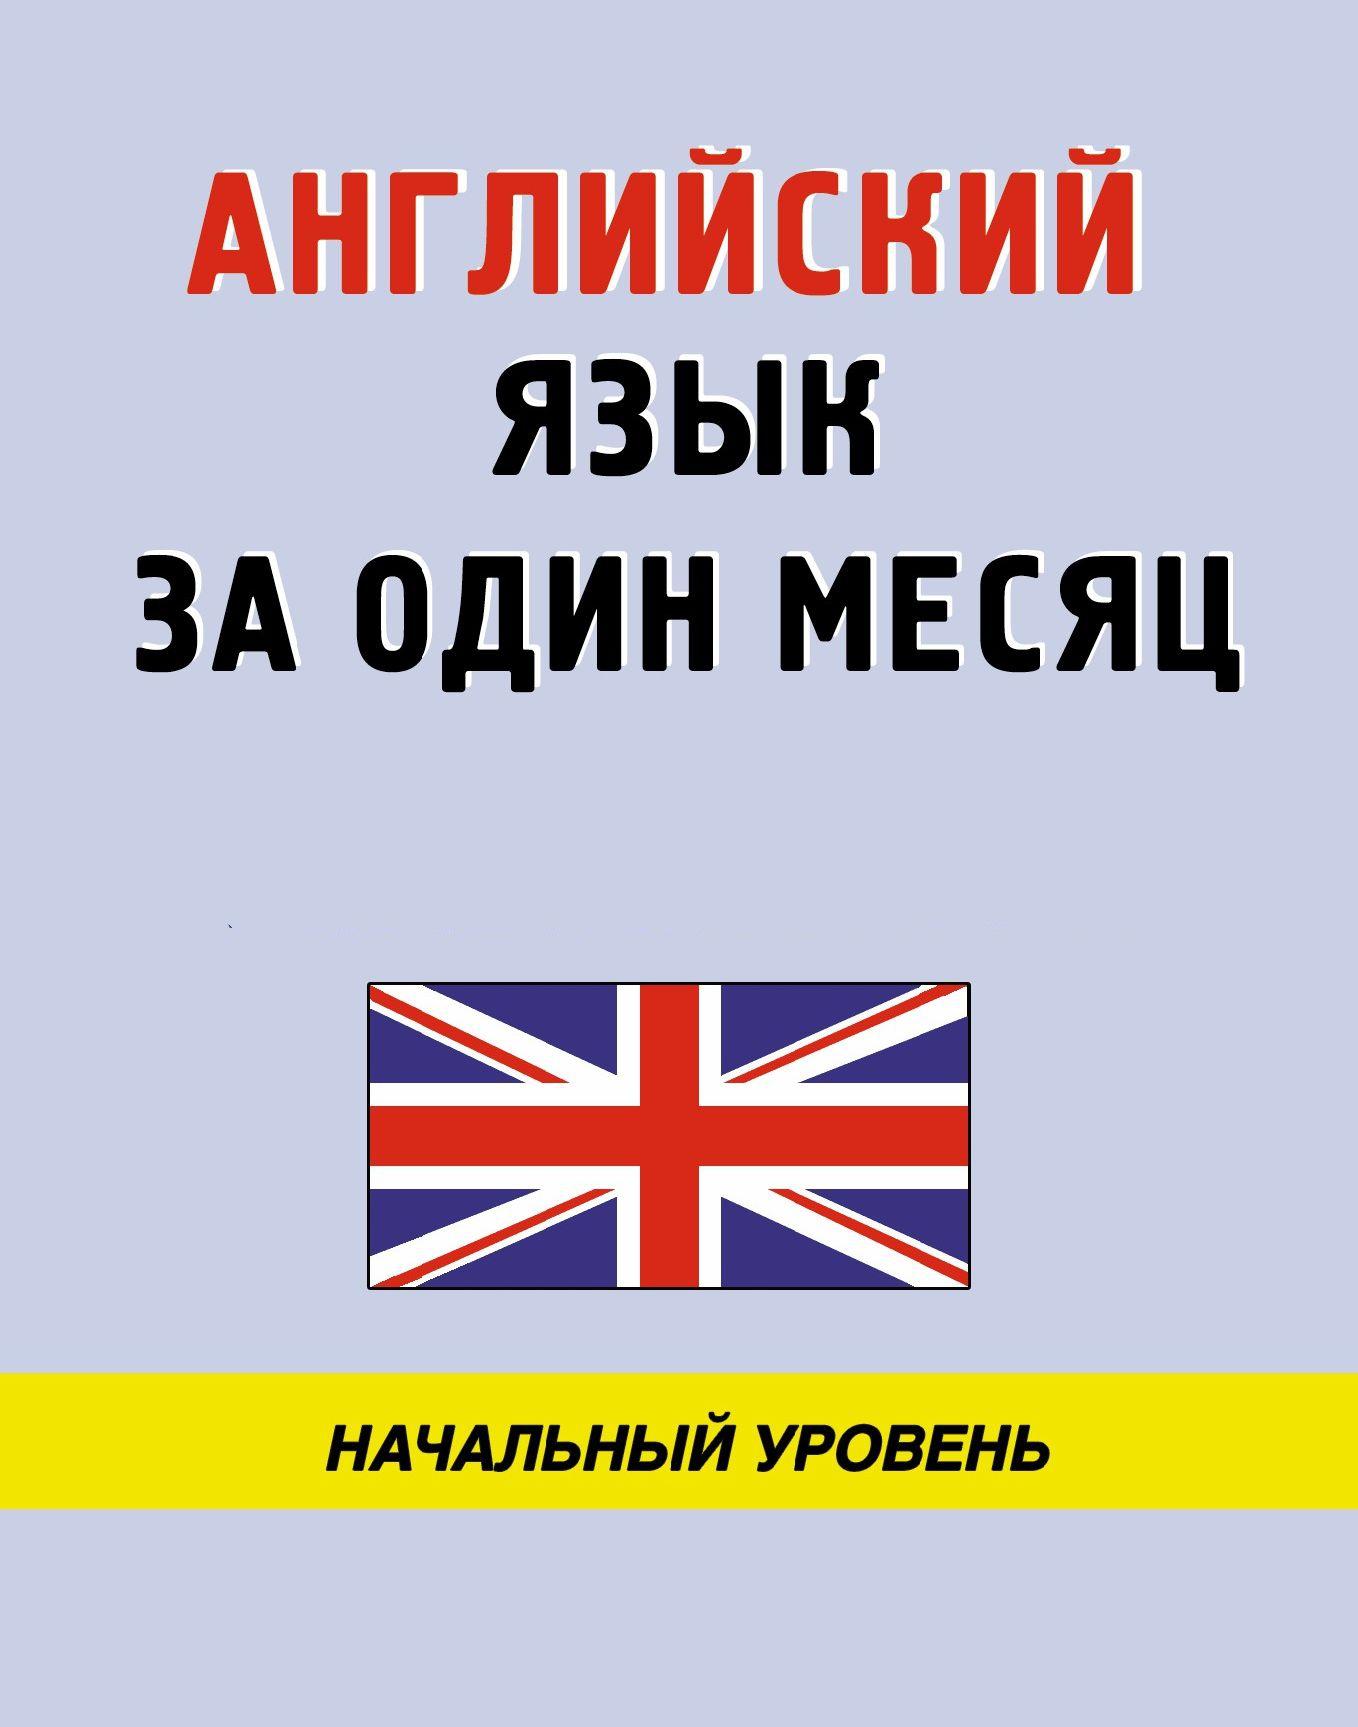 Английский язык изучить быстро и легко. Метод 25 кадра ...